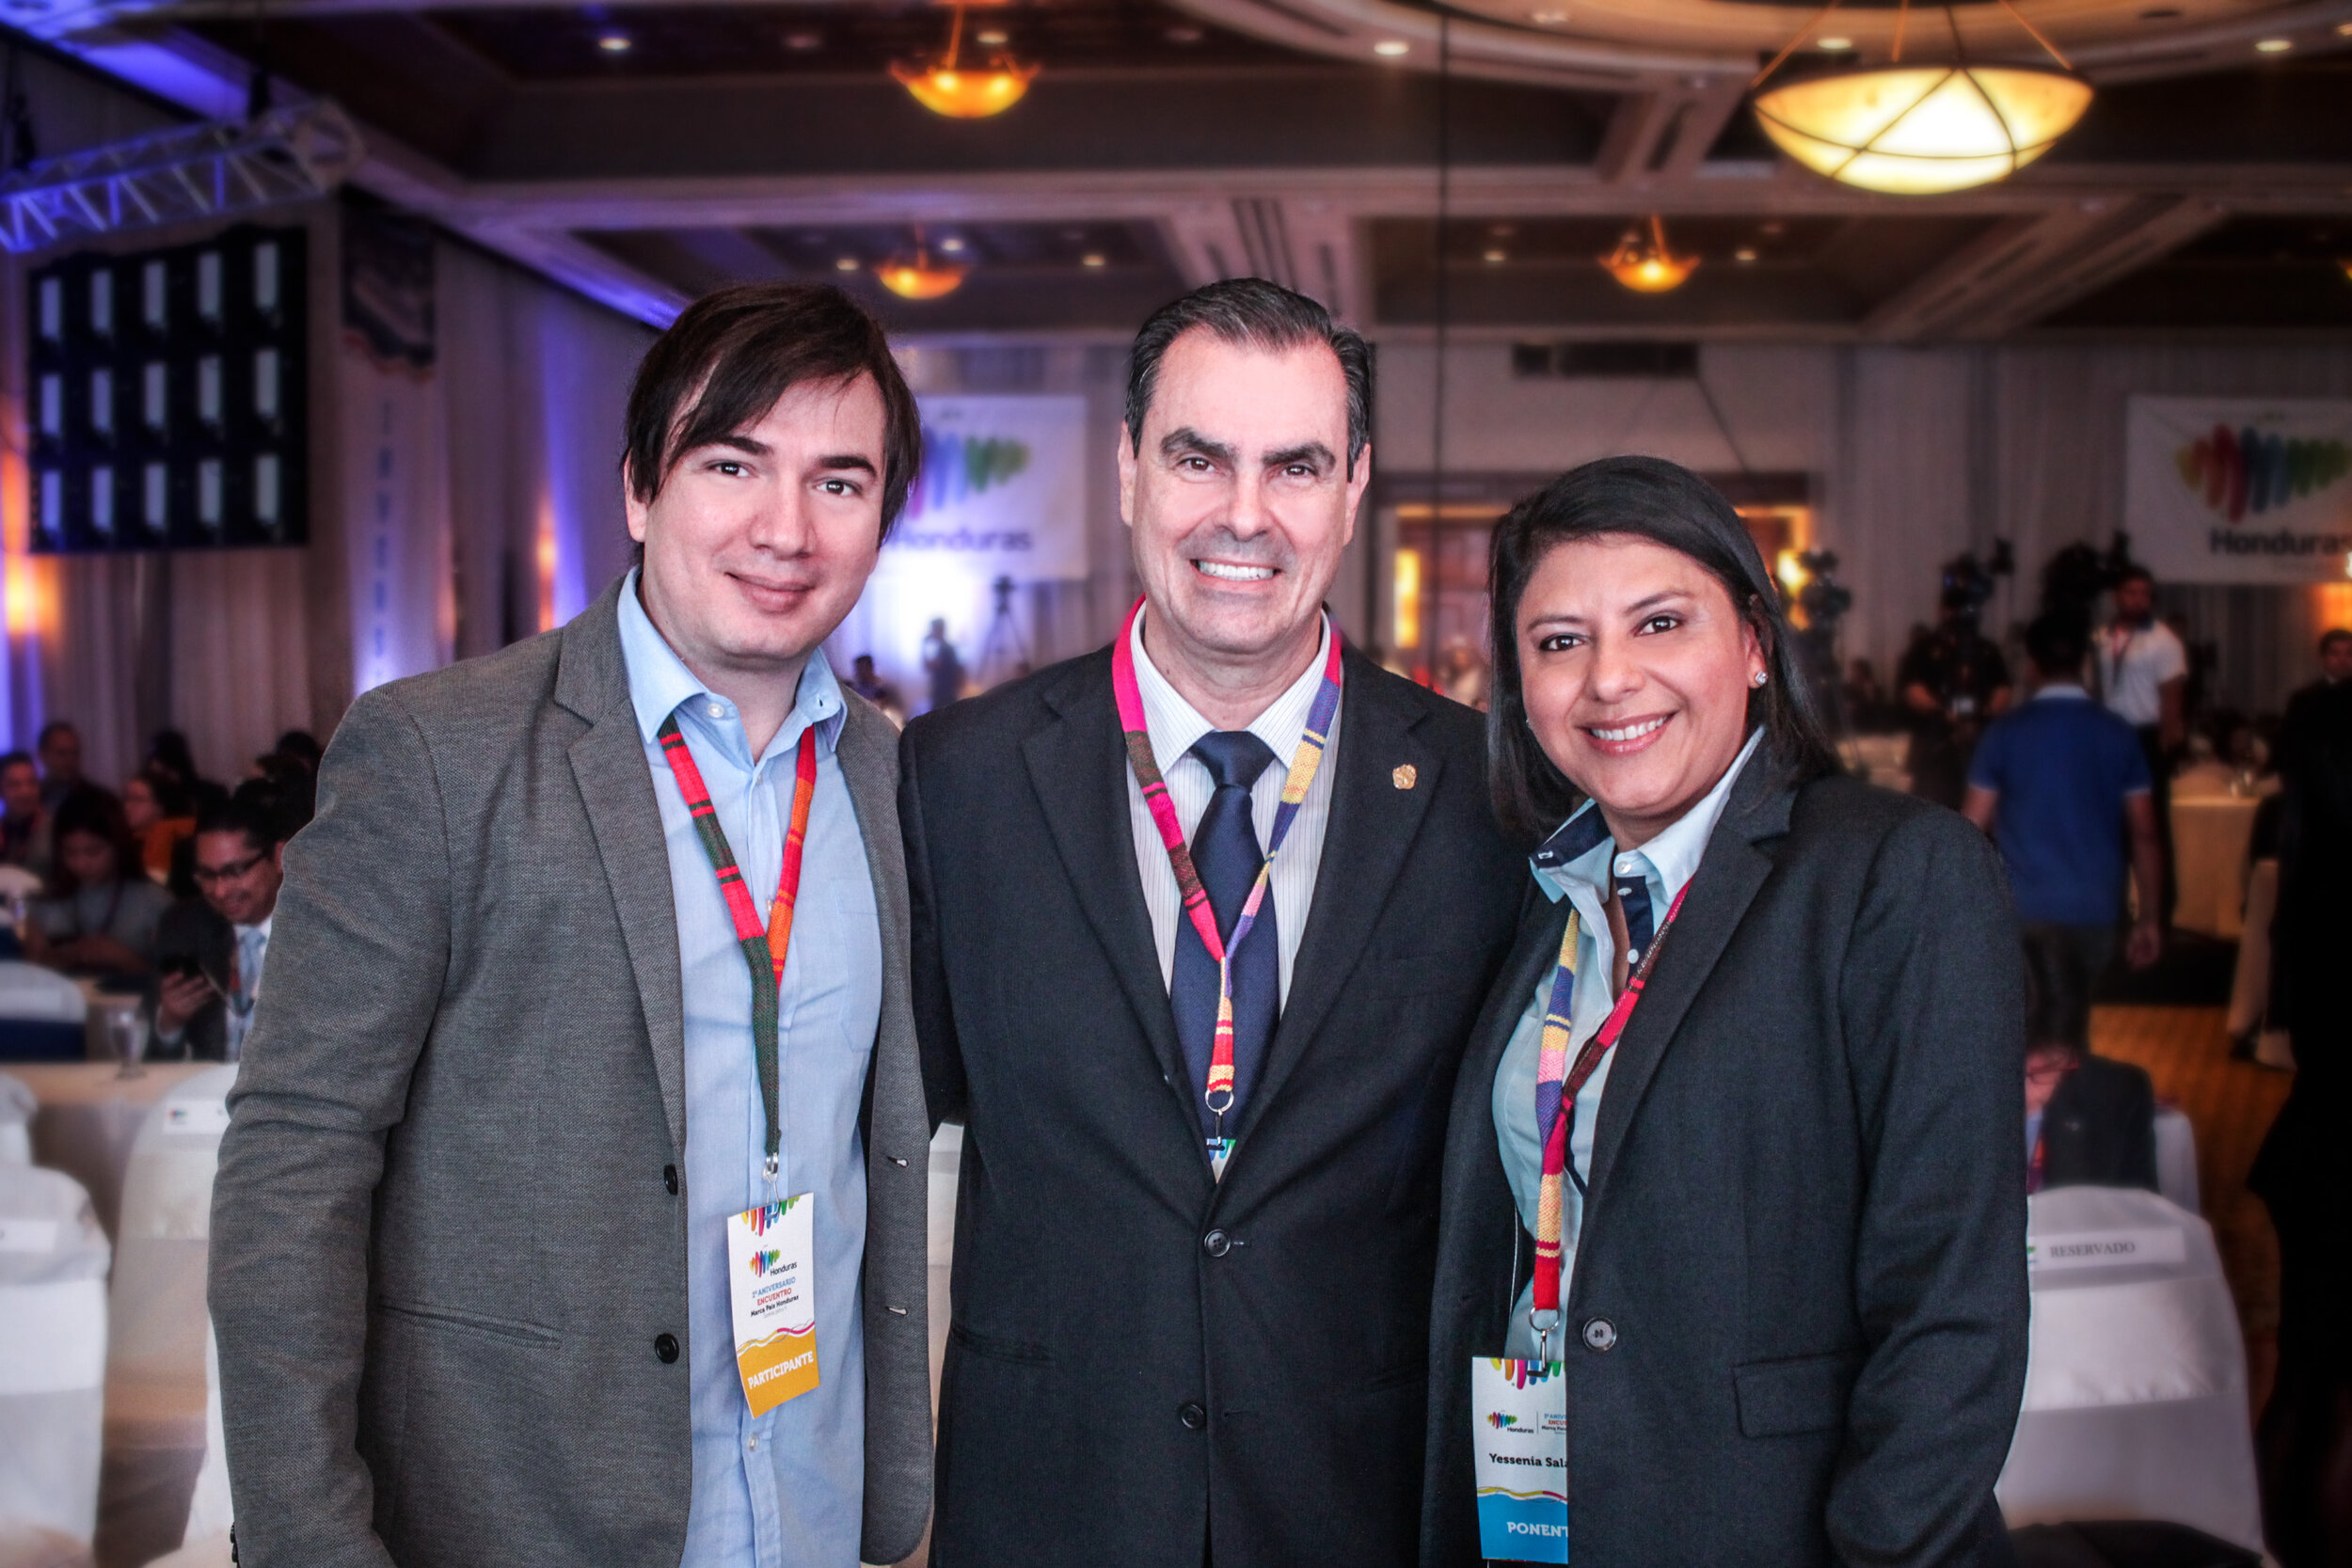 En compañía del Señor Embajador de Costa Rica en Honduras, Eugenio Trejos.